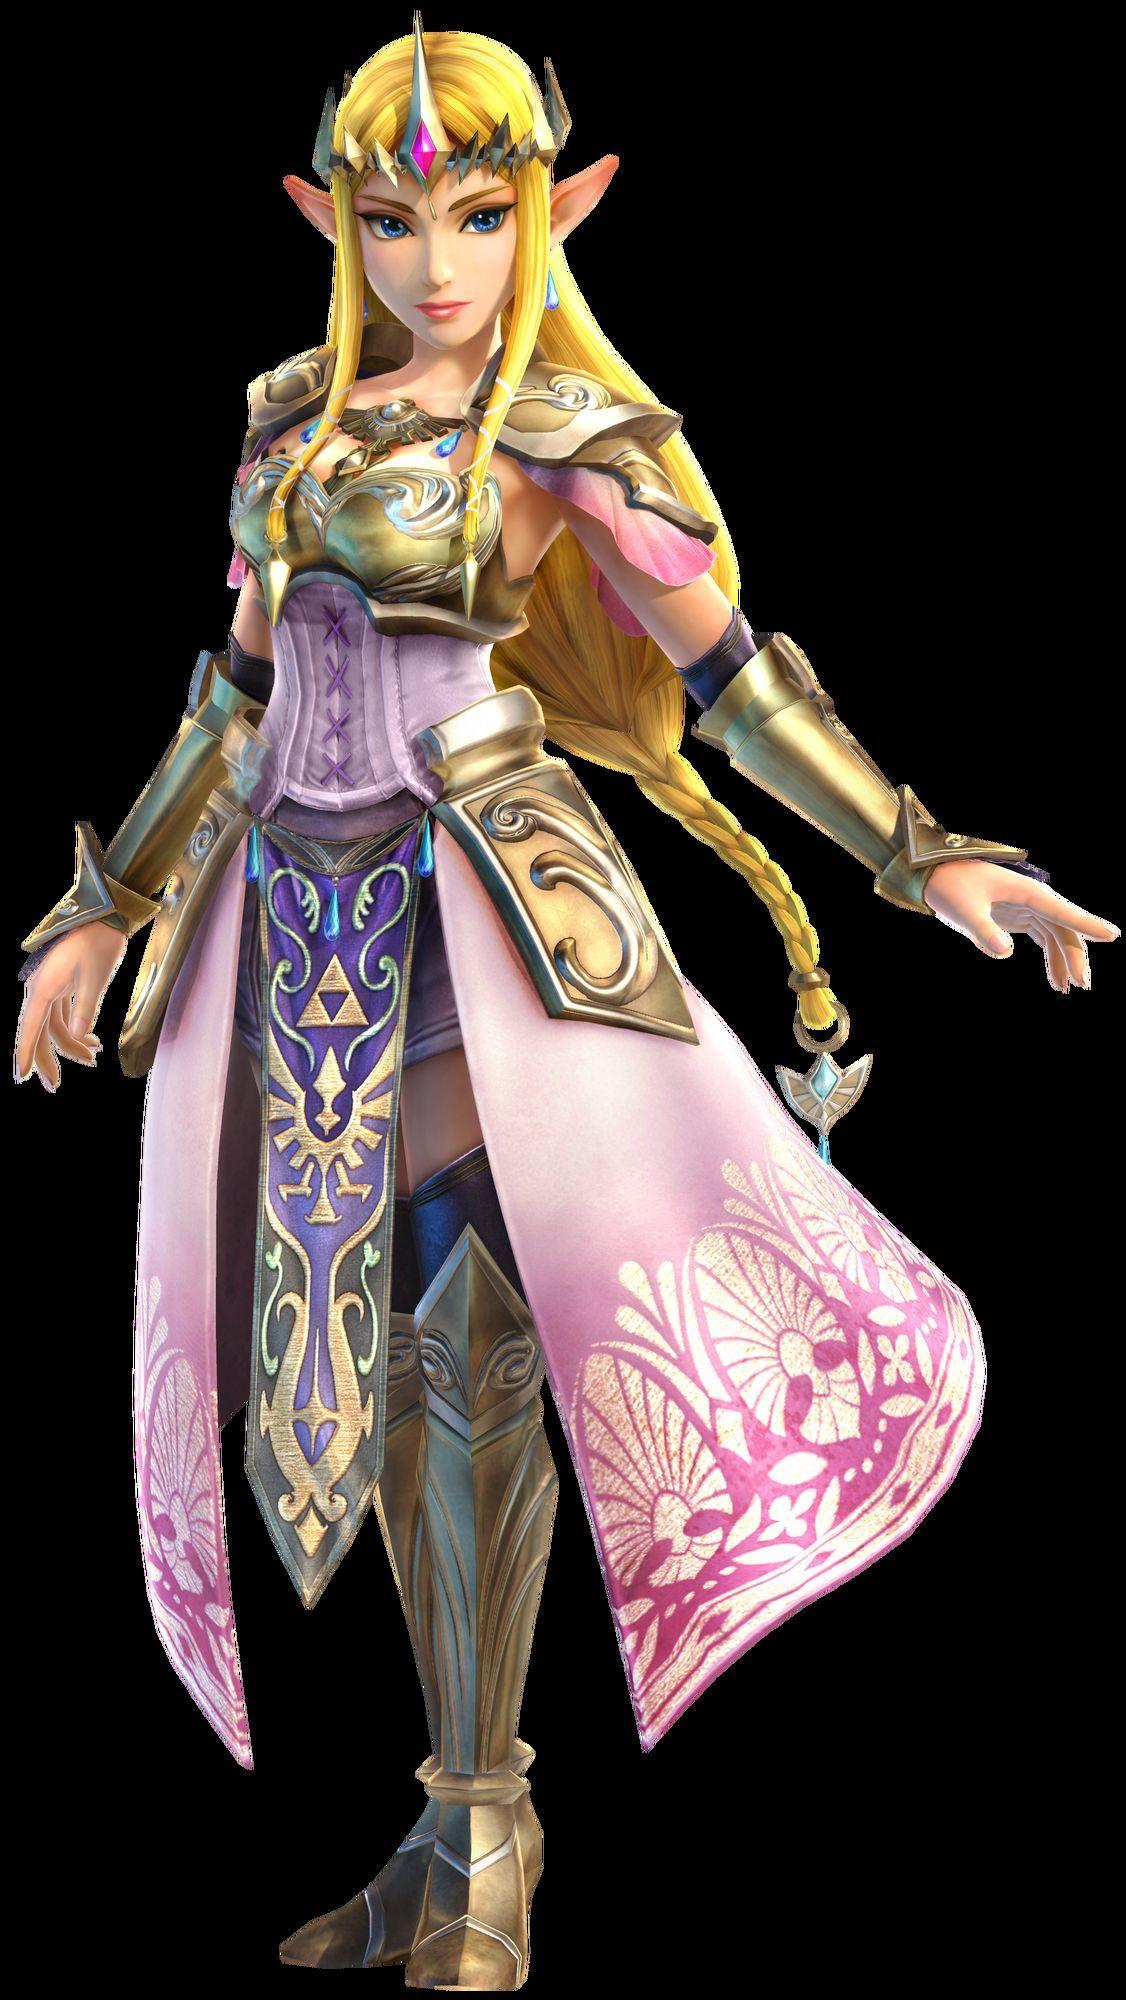 ¿Zelda aparece en todas las sagas?